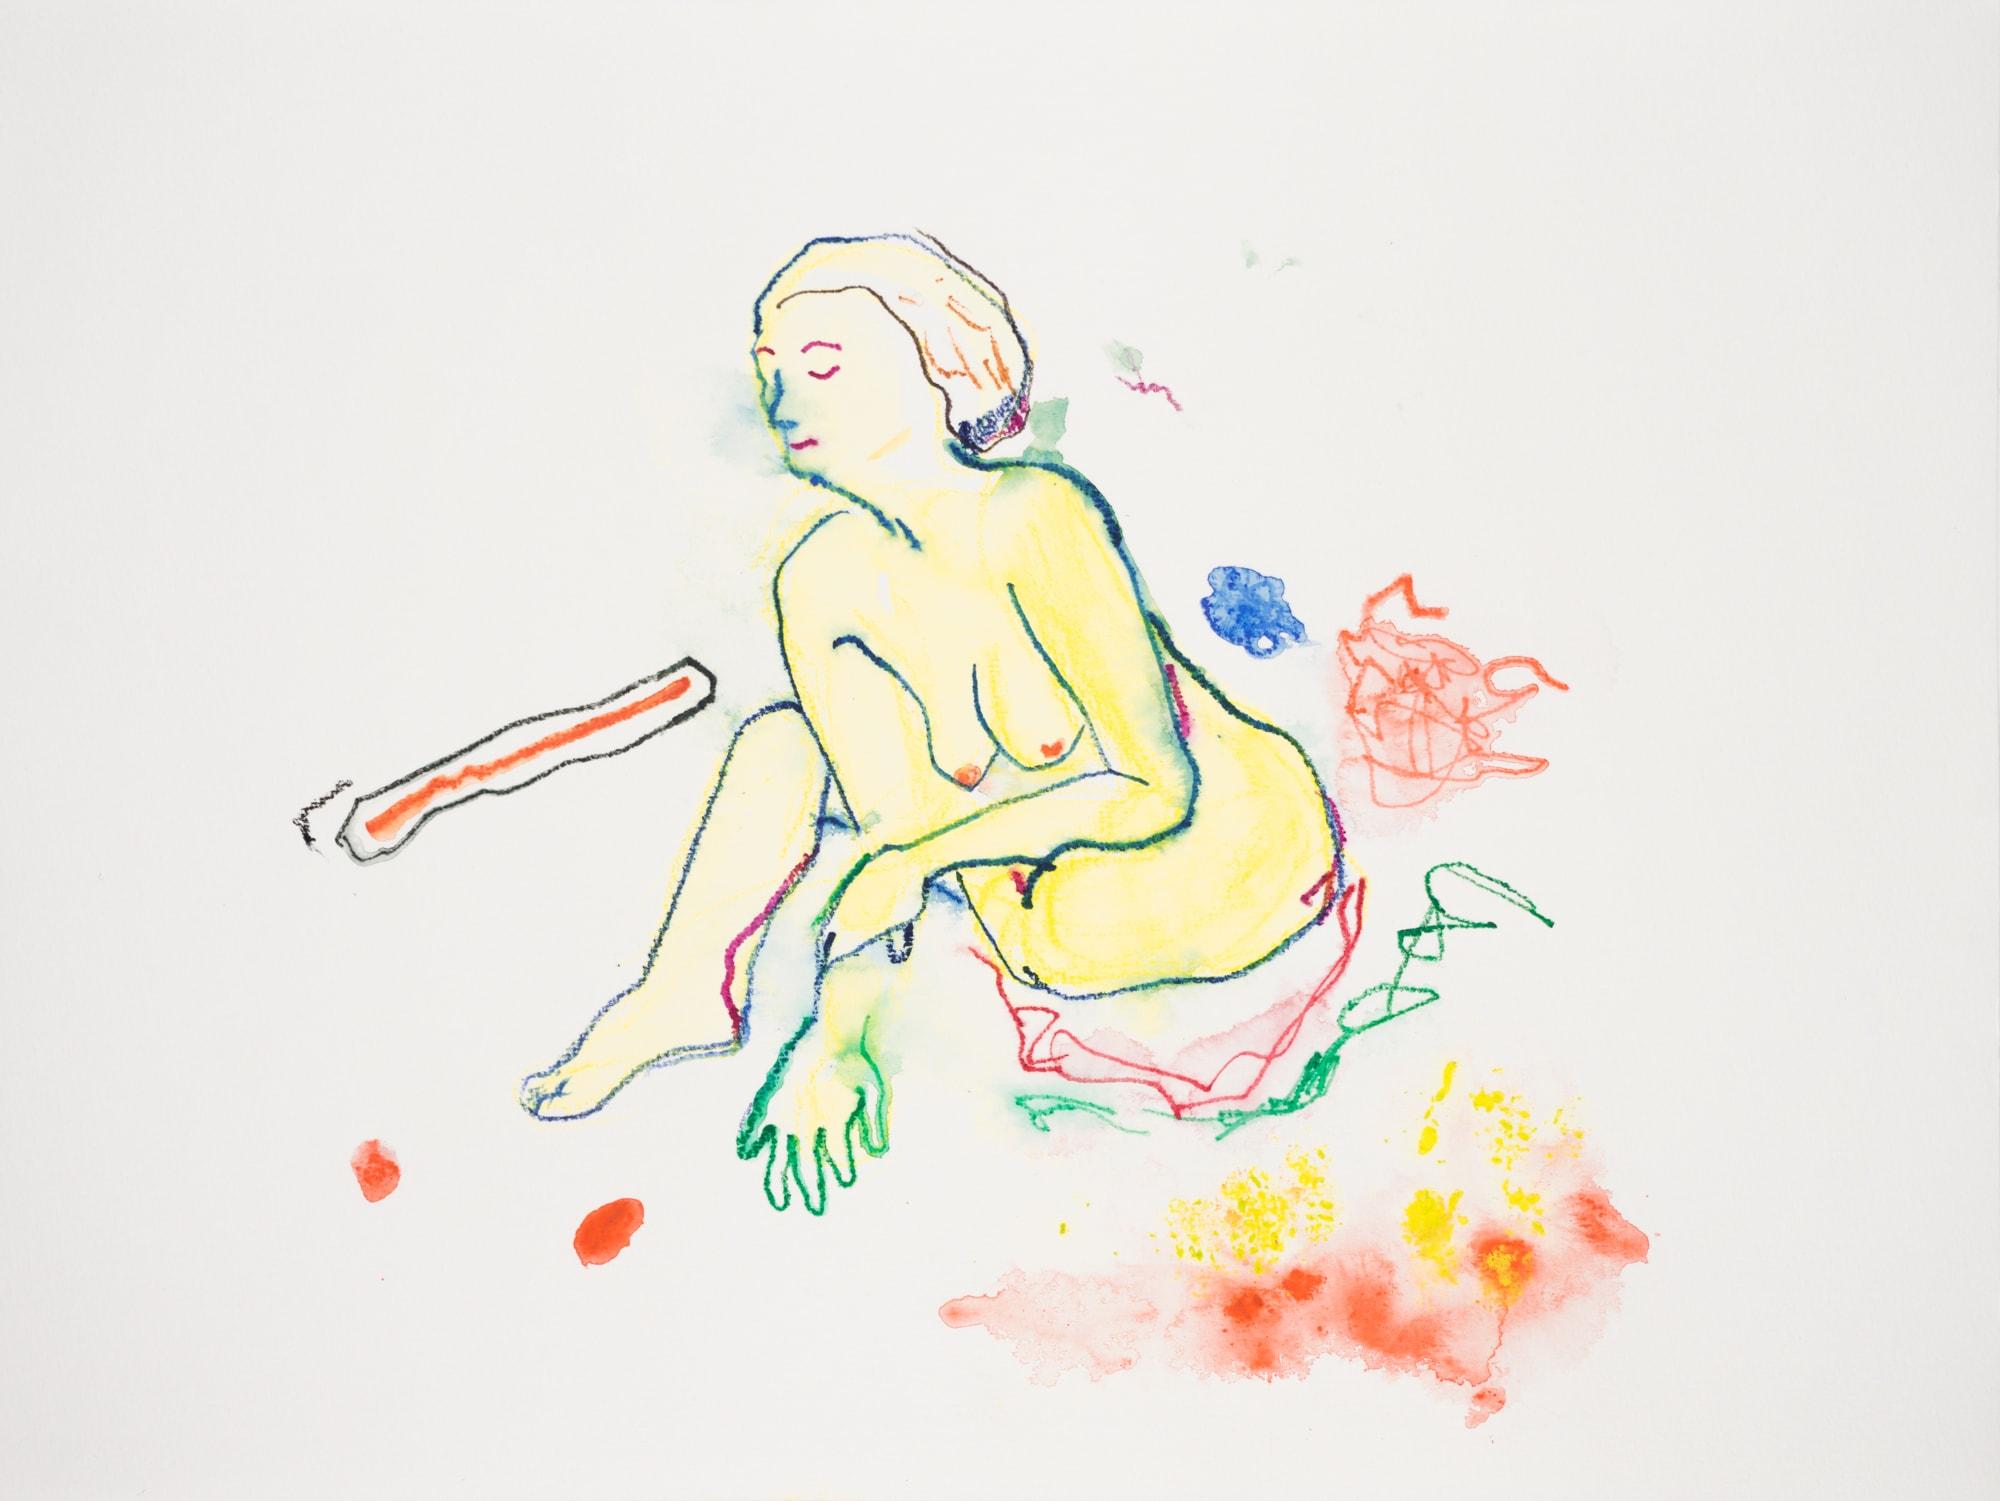 Zeichnung, Aquarell und Farbstift auf Papier, 40x30cm, Frauenakt, Künstlerin: Franziska King